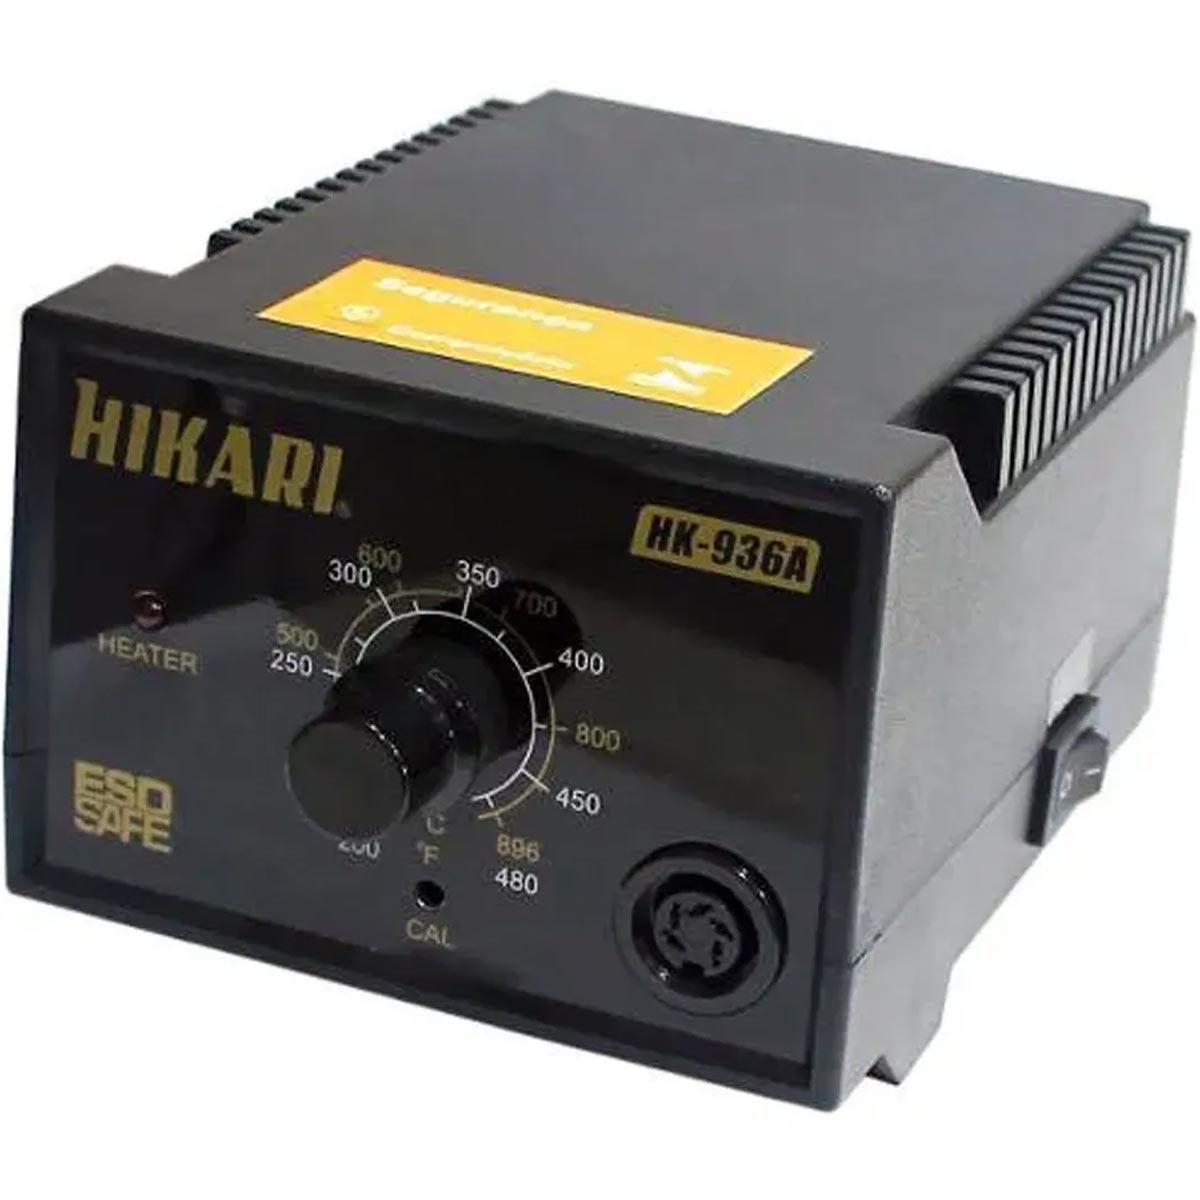 Estação de Solda Analógica Hikari HK-936A ESD 220v Garantia de 2 anos